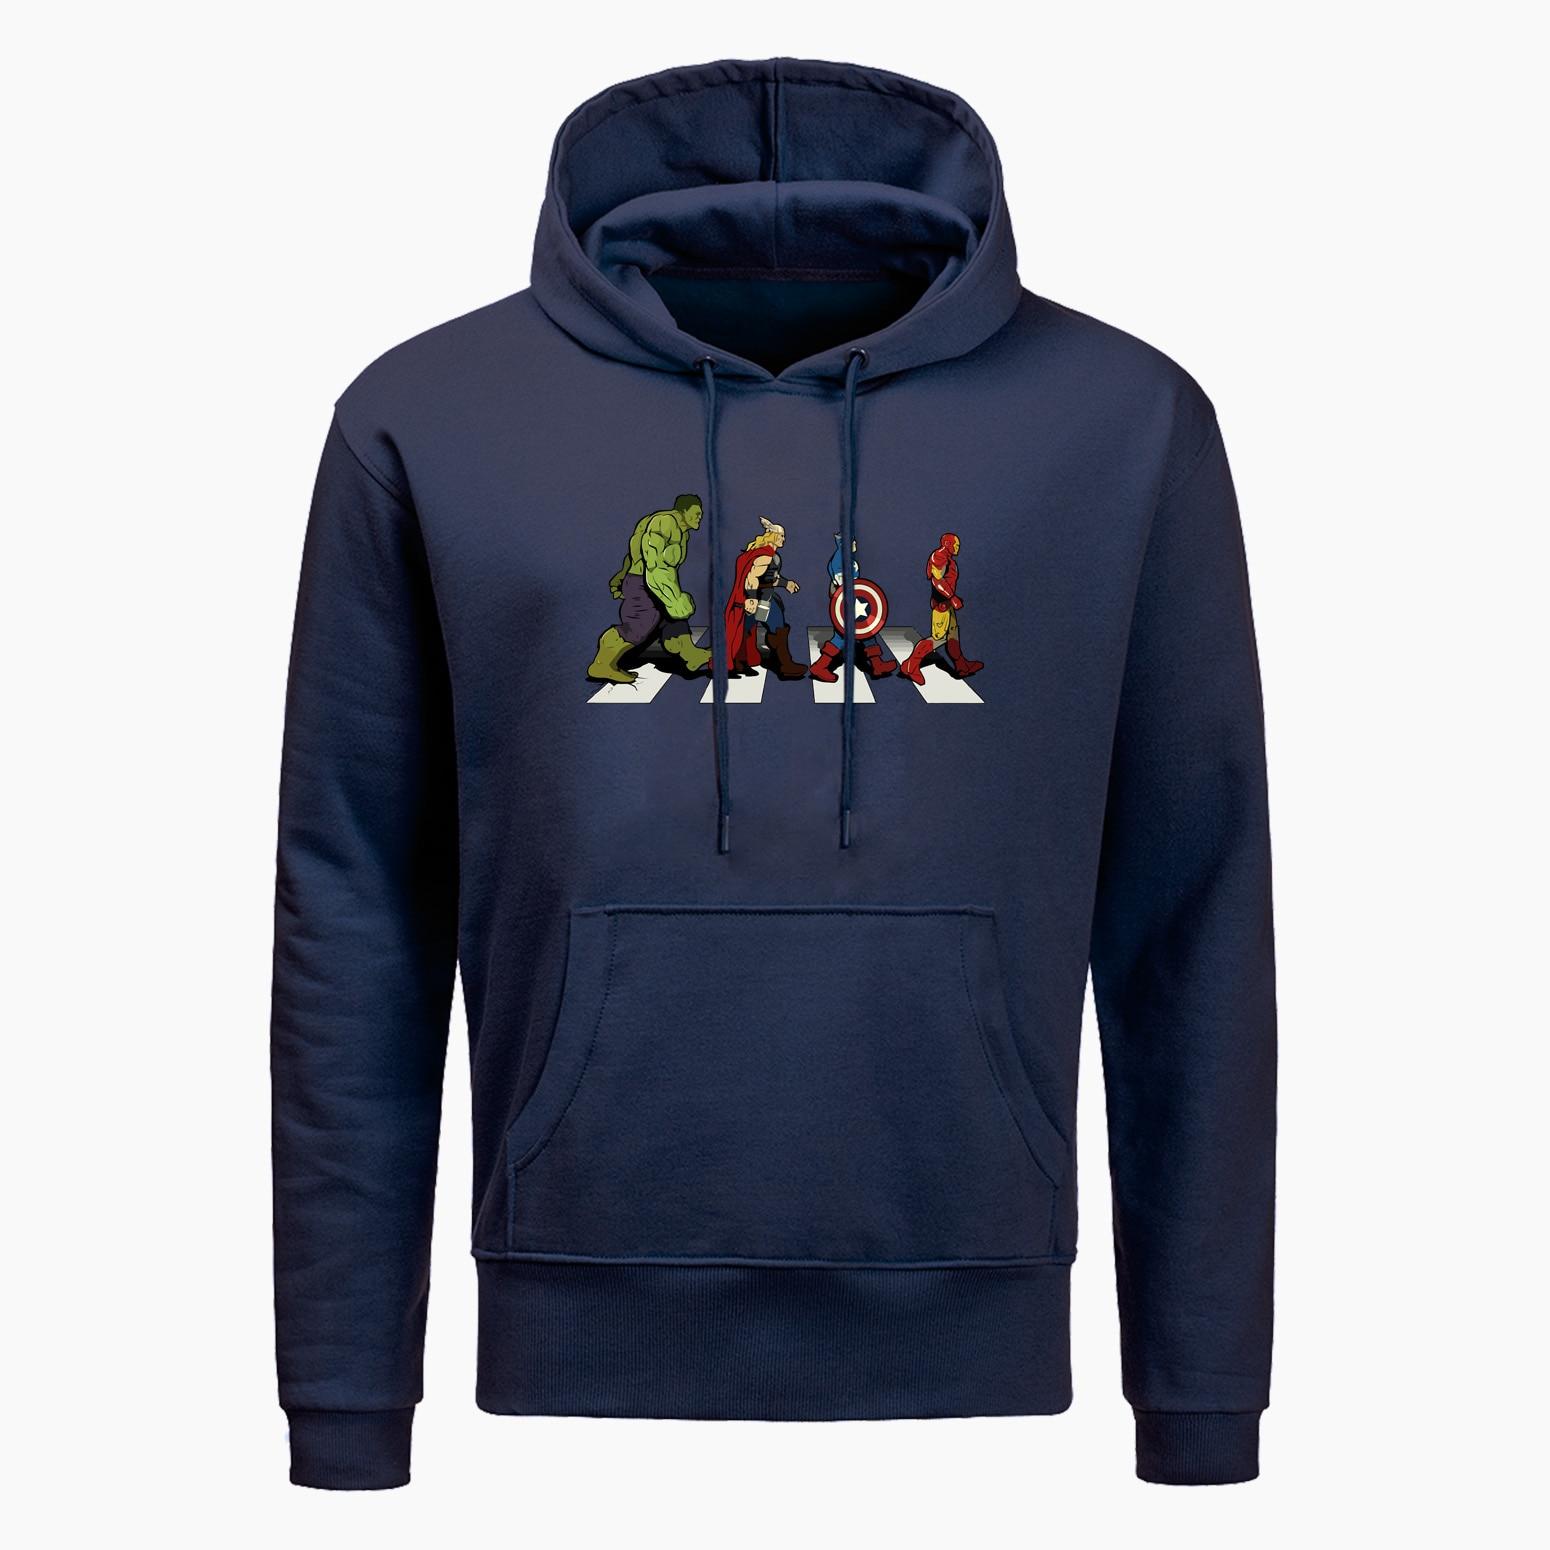 Marvel Hoodie Men The Avenger Road Hoodies Men Superhero Hoodie 2019 Autumn Winter Casual Men Harajuku Streetwear Sweatshirt